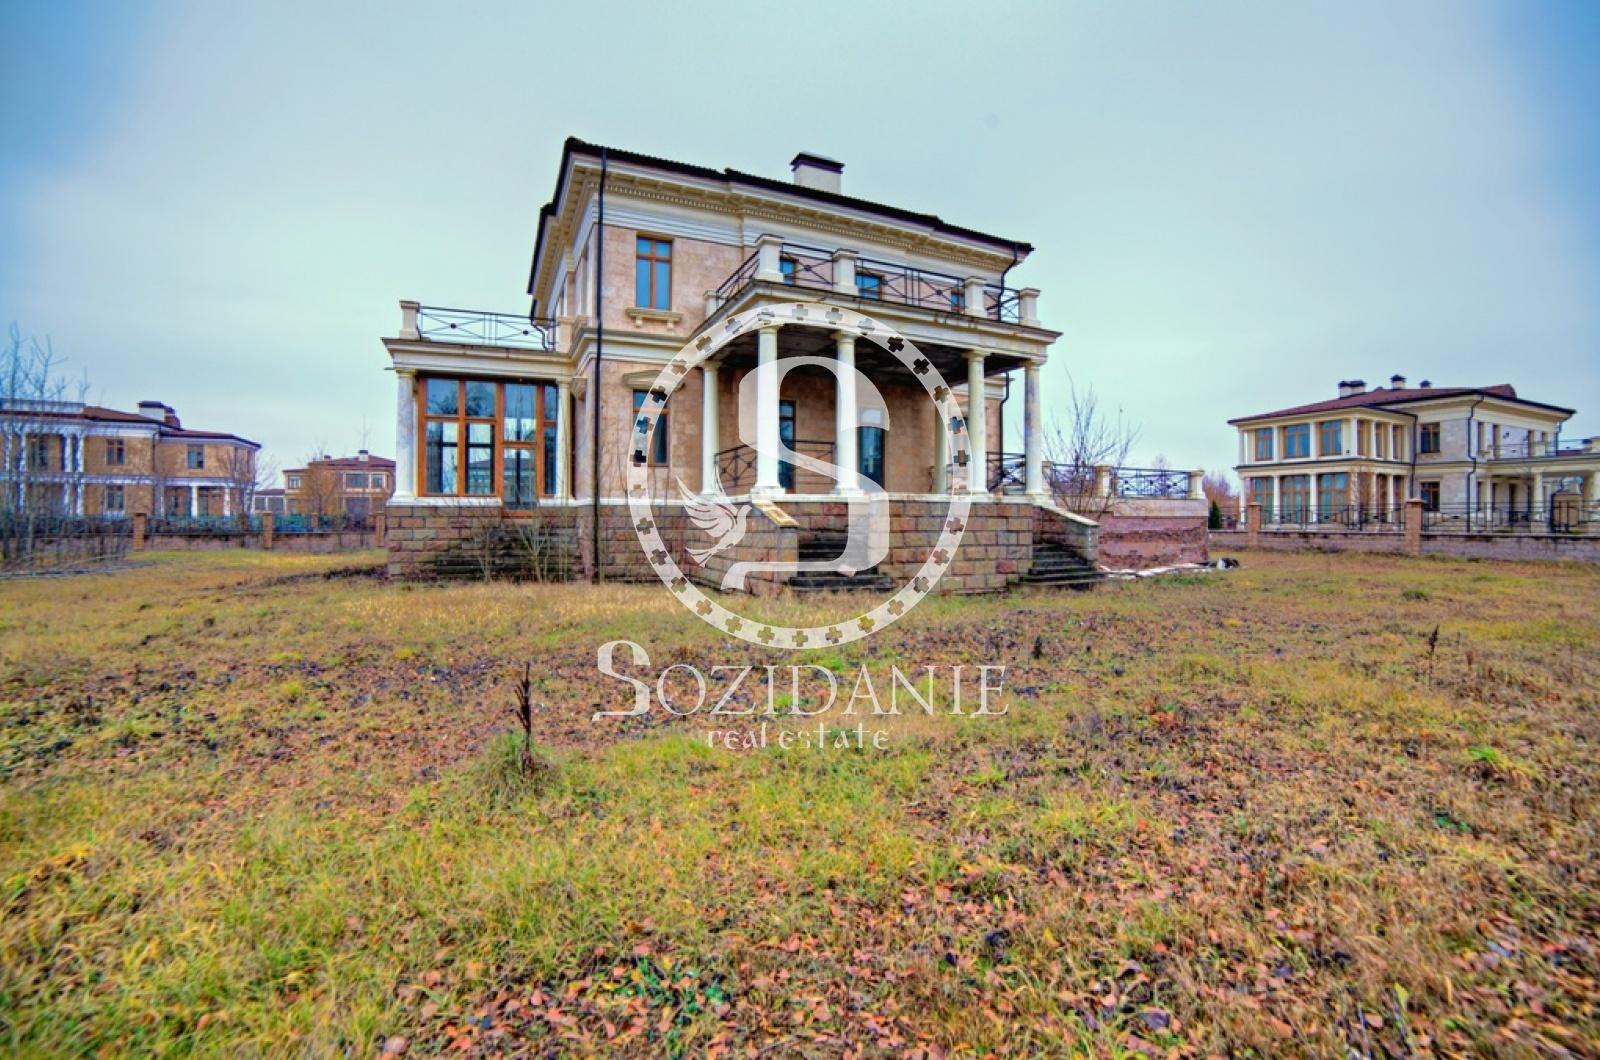 4 Bedrooms, Загородная, Продажа, Listing ID 1060, Московская область, Россия,